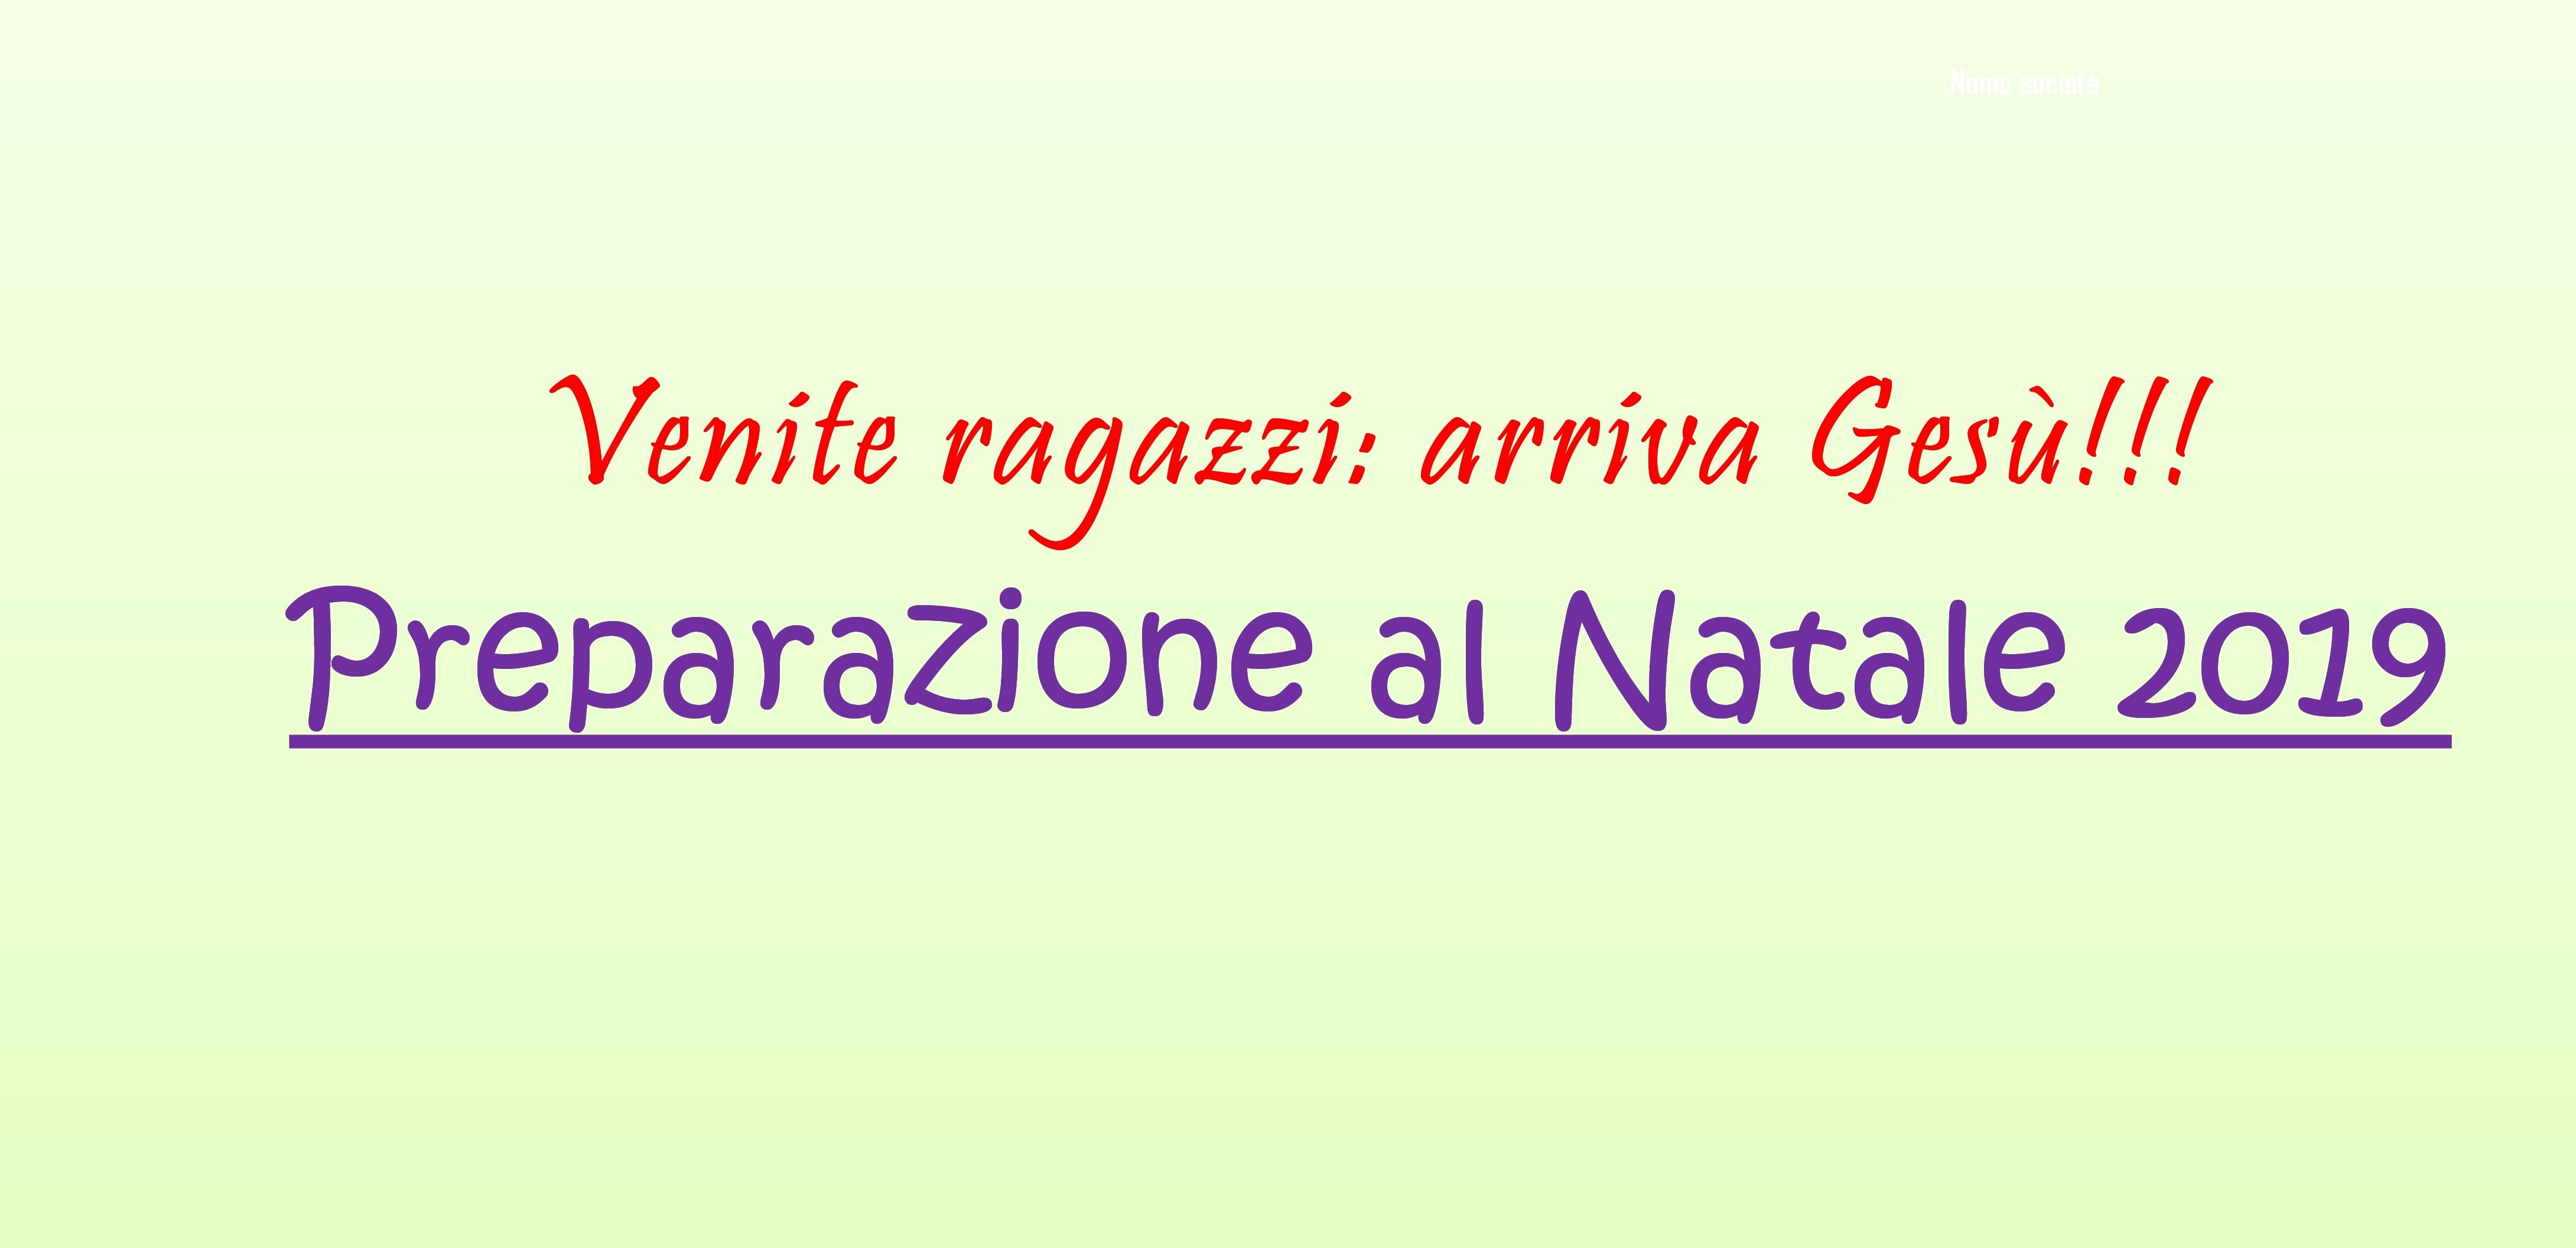 Volantino invito Novena 2019_i_up